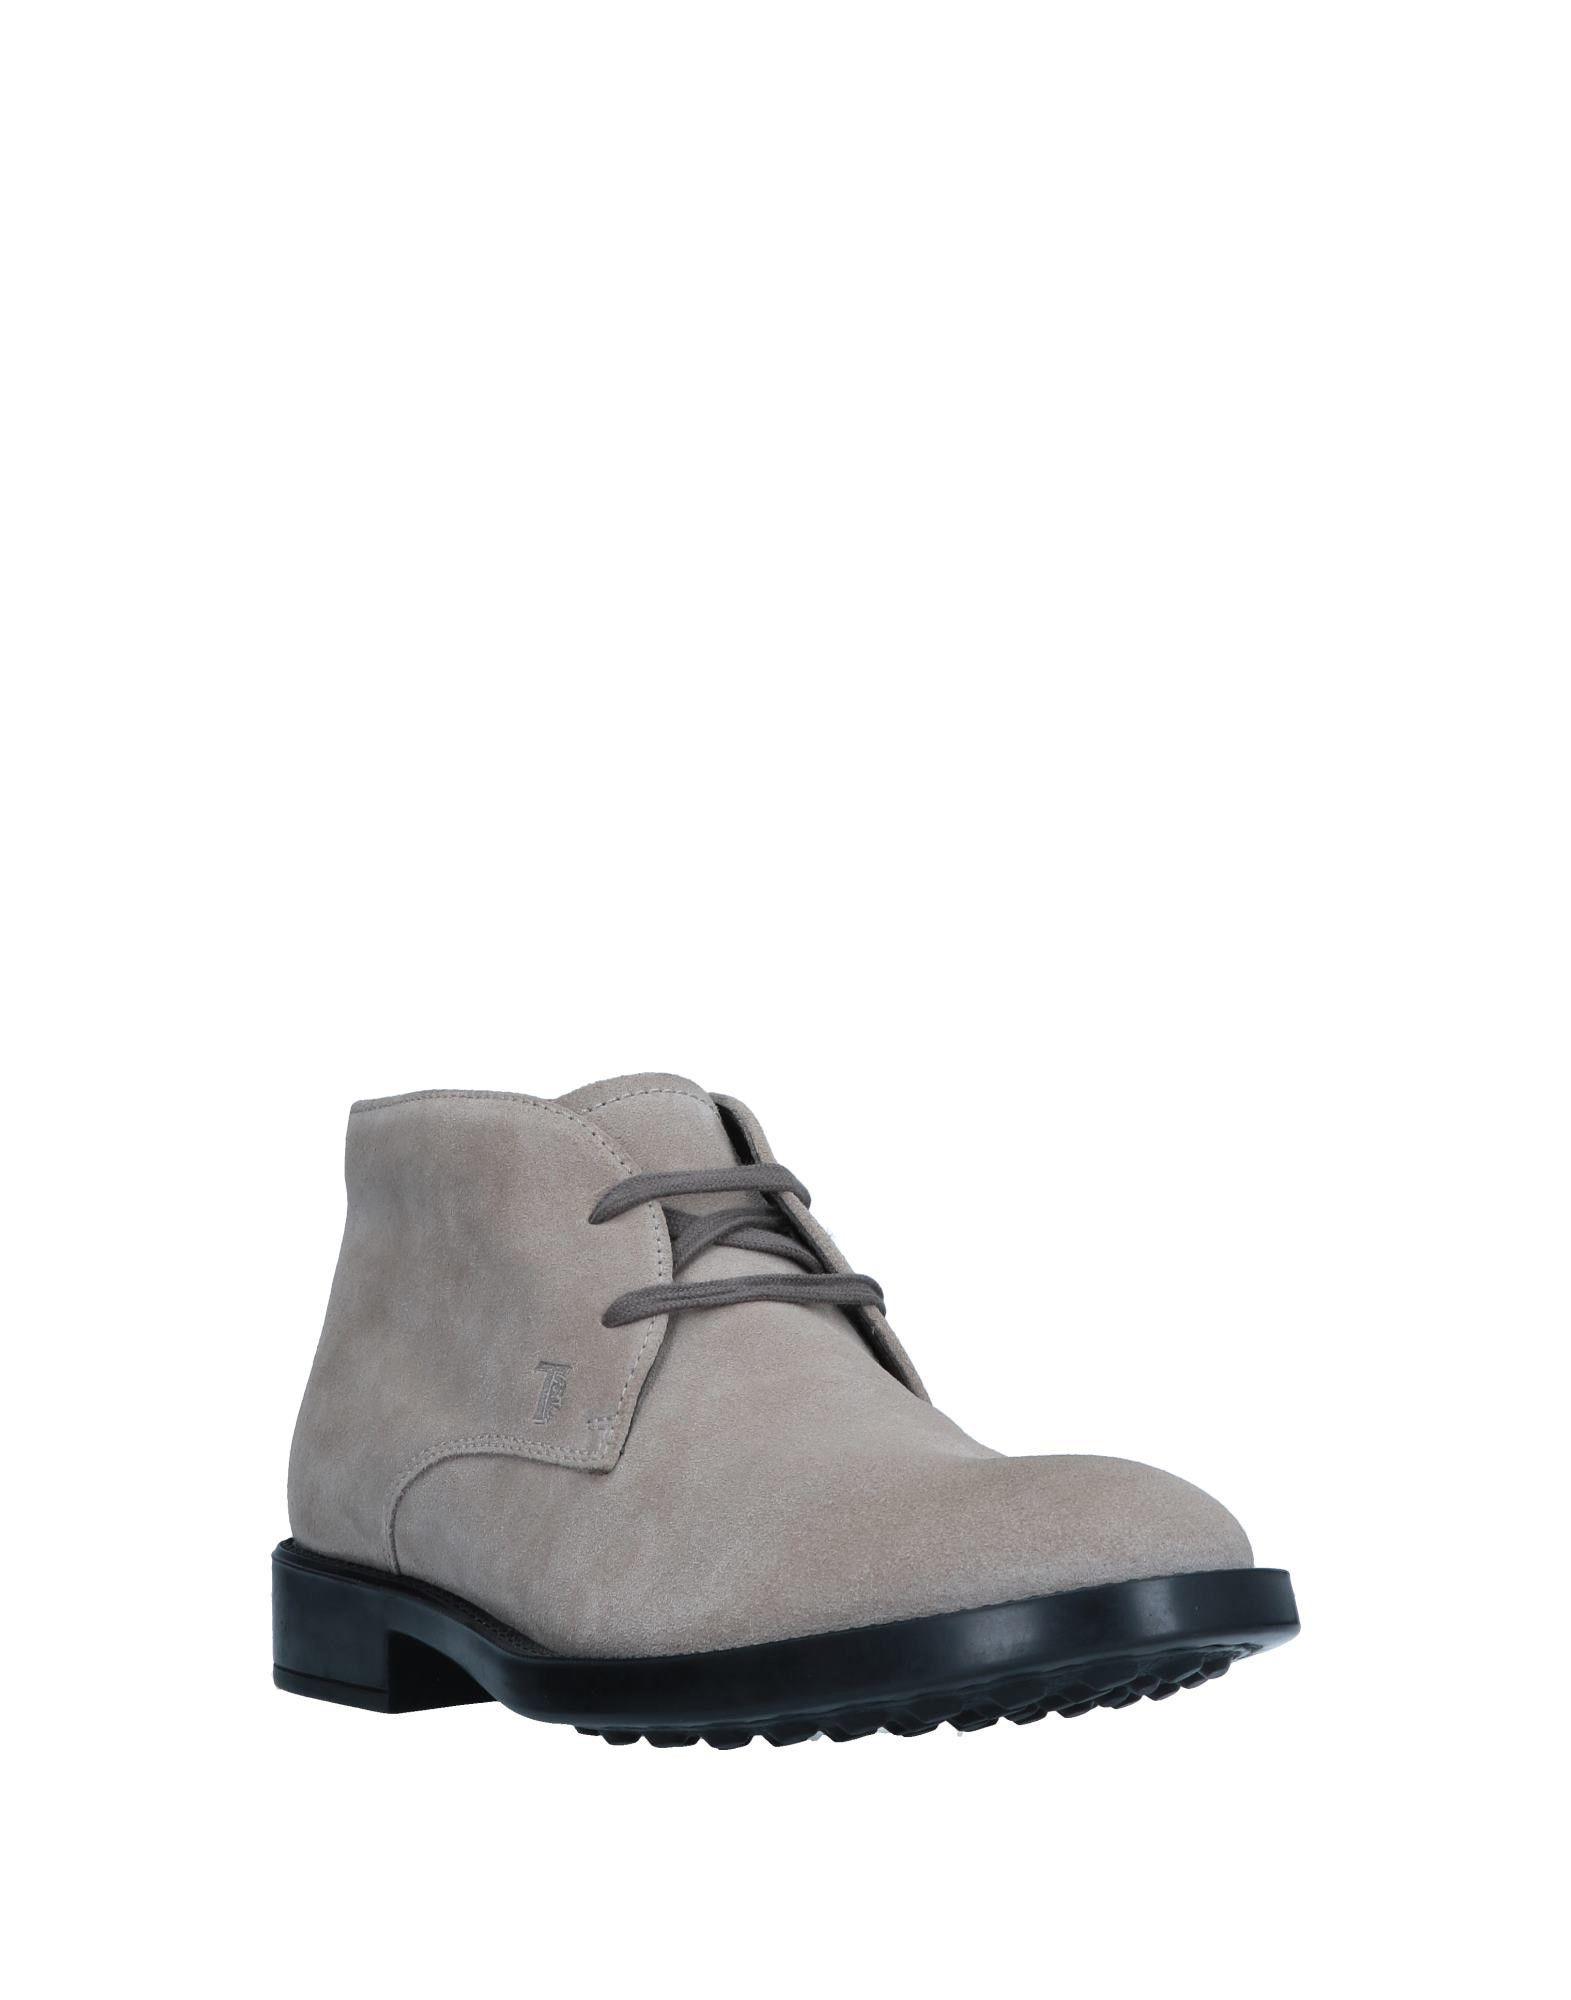 Tod's Gute Stiefelette Herren  11541273PJ Gute Tod's Qualität beliebte Schuhe 4e8c50